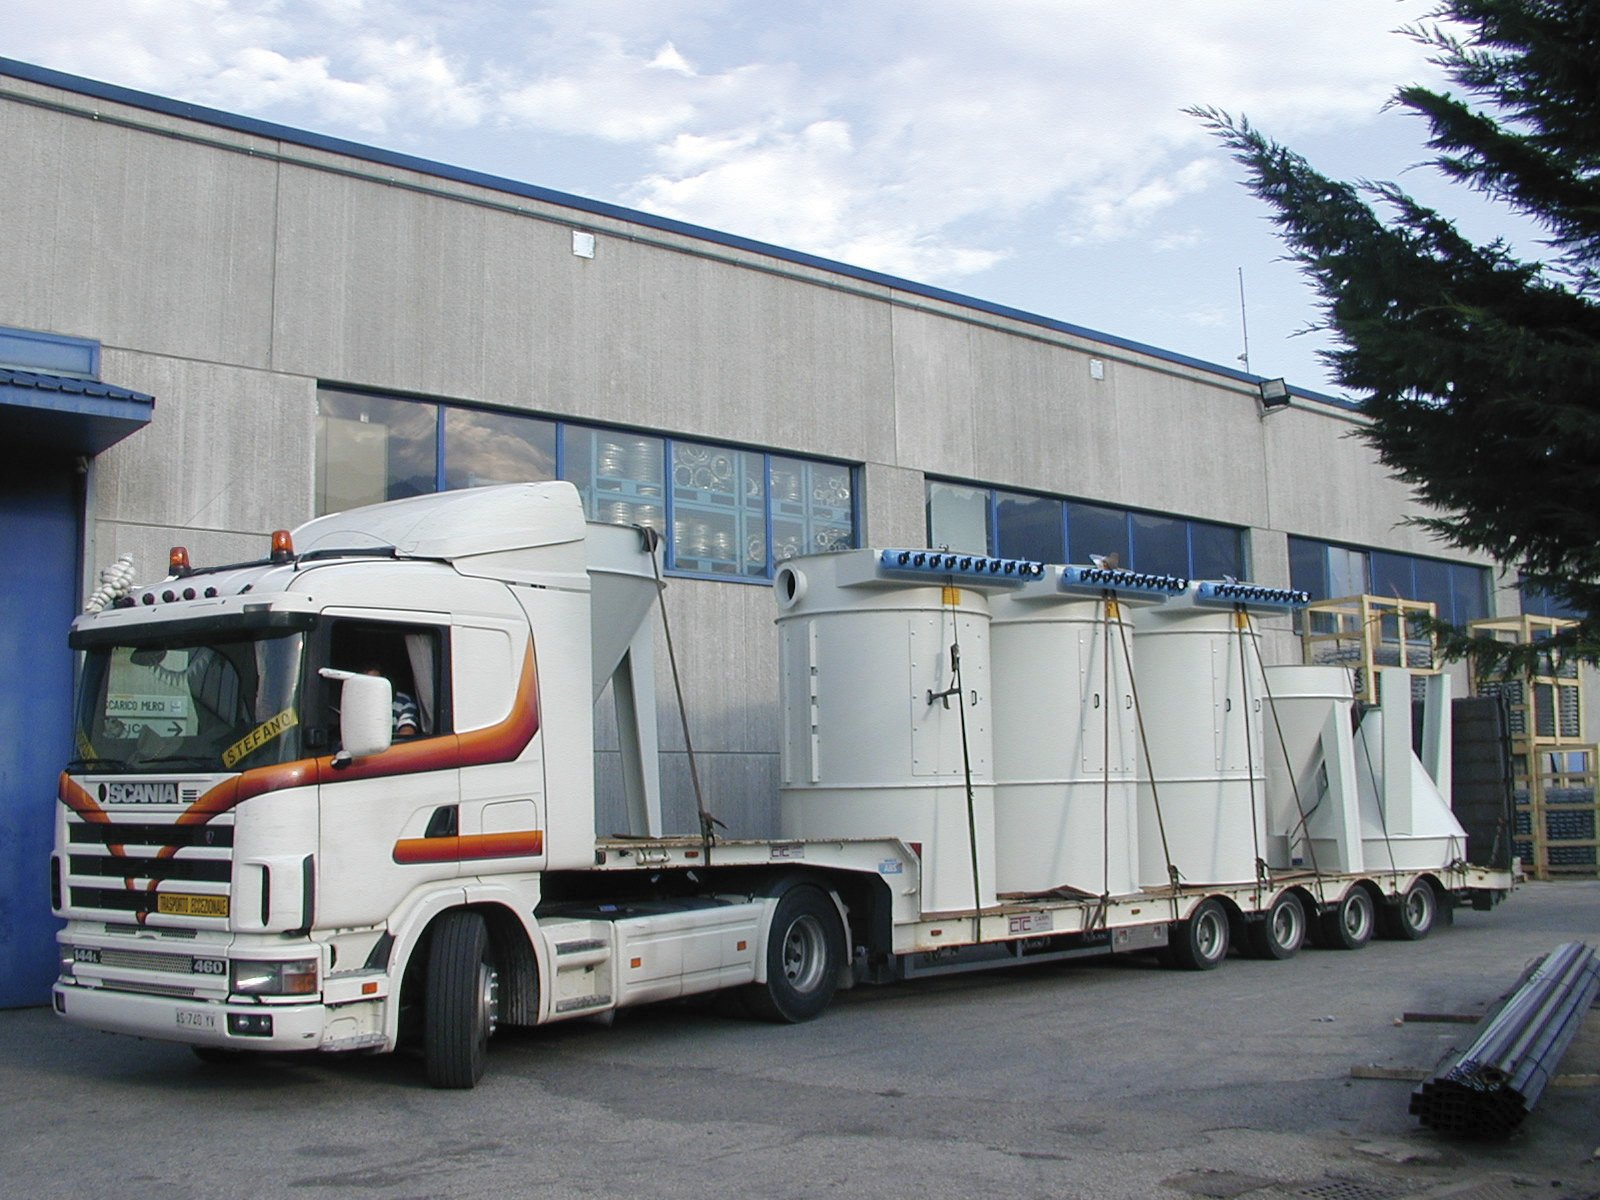 un camion bianco con il rimorchio a vista carico